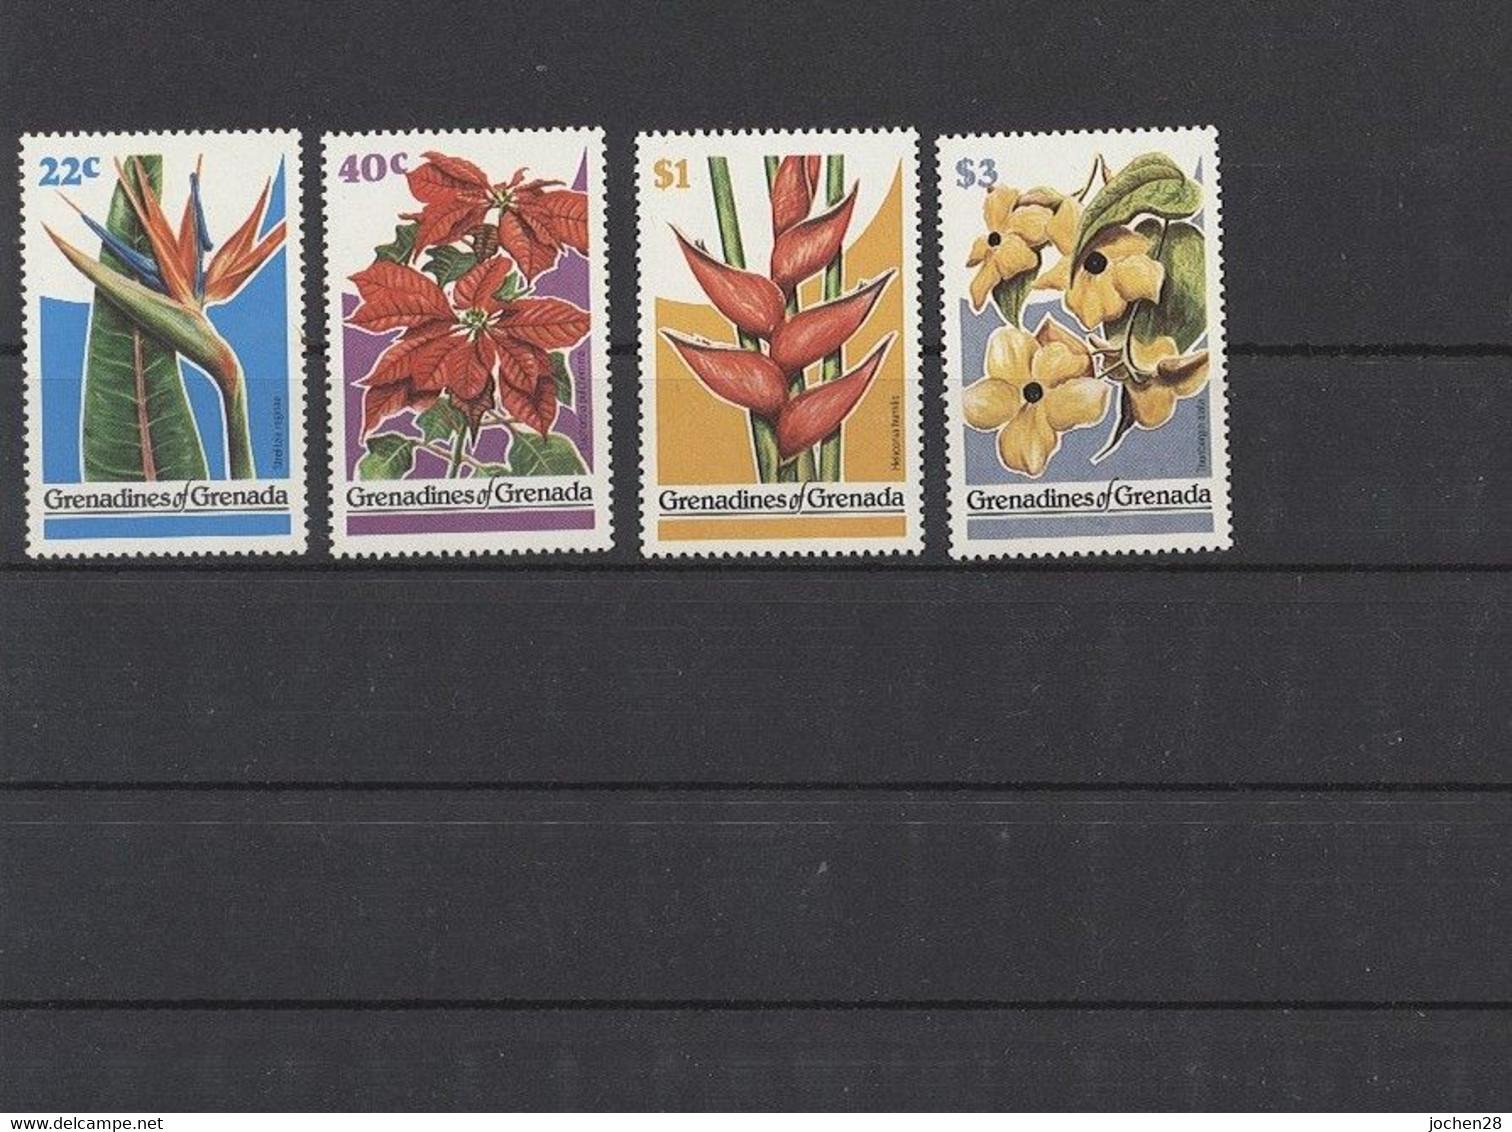 Grenada/Grenadinen 1979 - MiNr. 320/3 - Blumen - Postfrisch - MNH - ** - Grenada (1974-...)